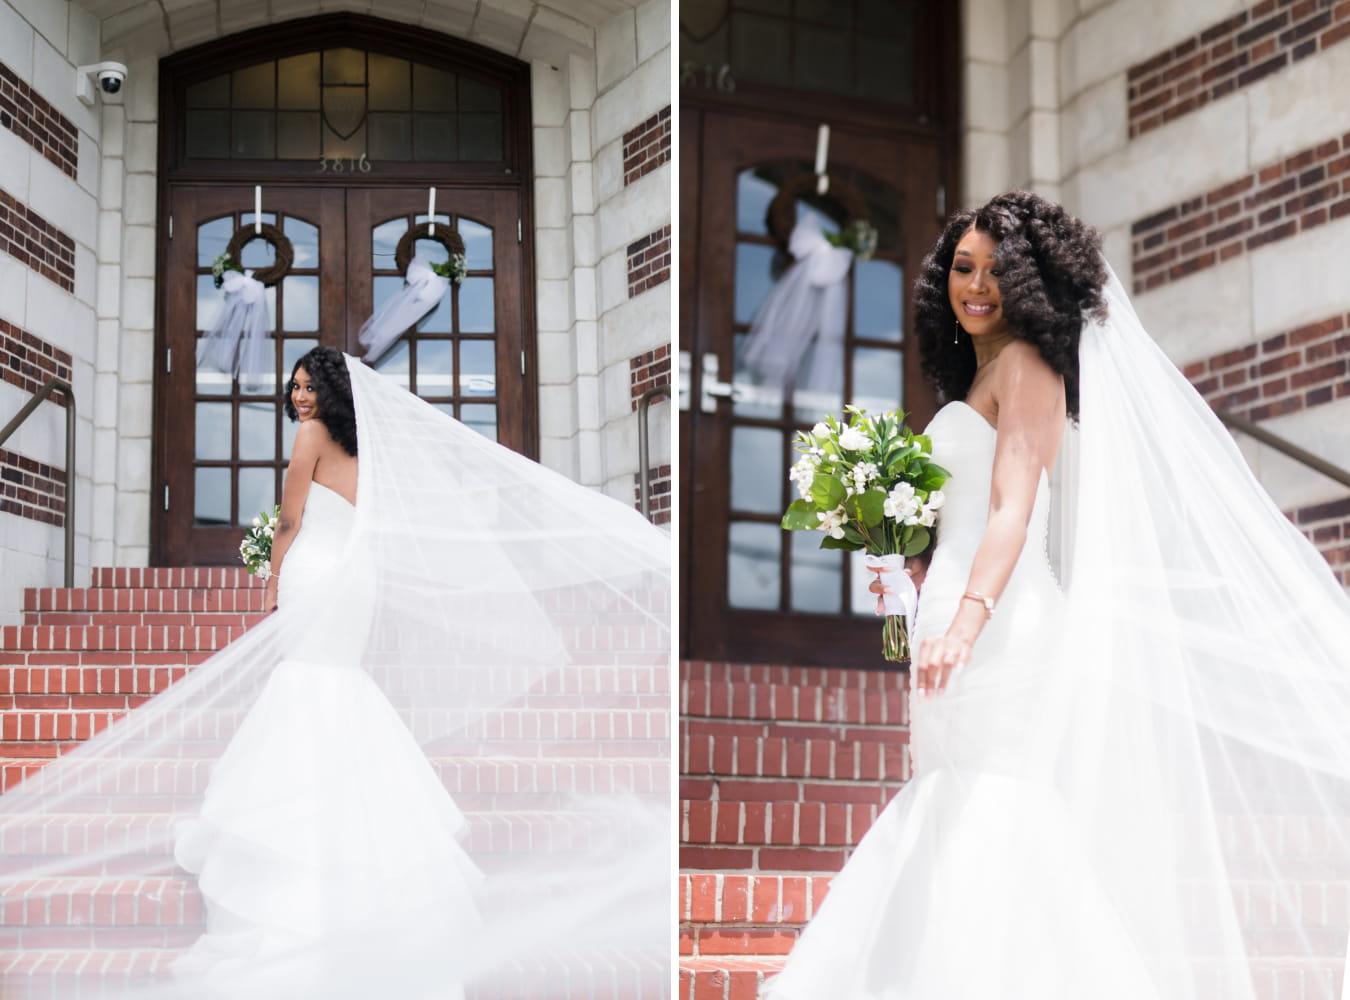 Houston Wedding- Pharris Photography- Bridal Party- Lorece + Jeremy- Bride